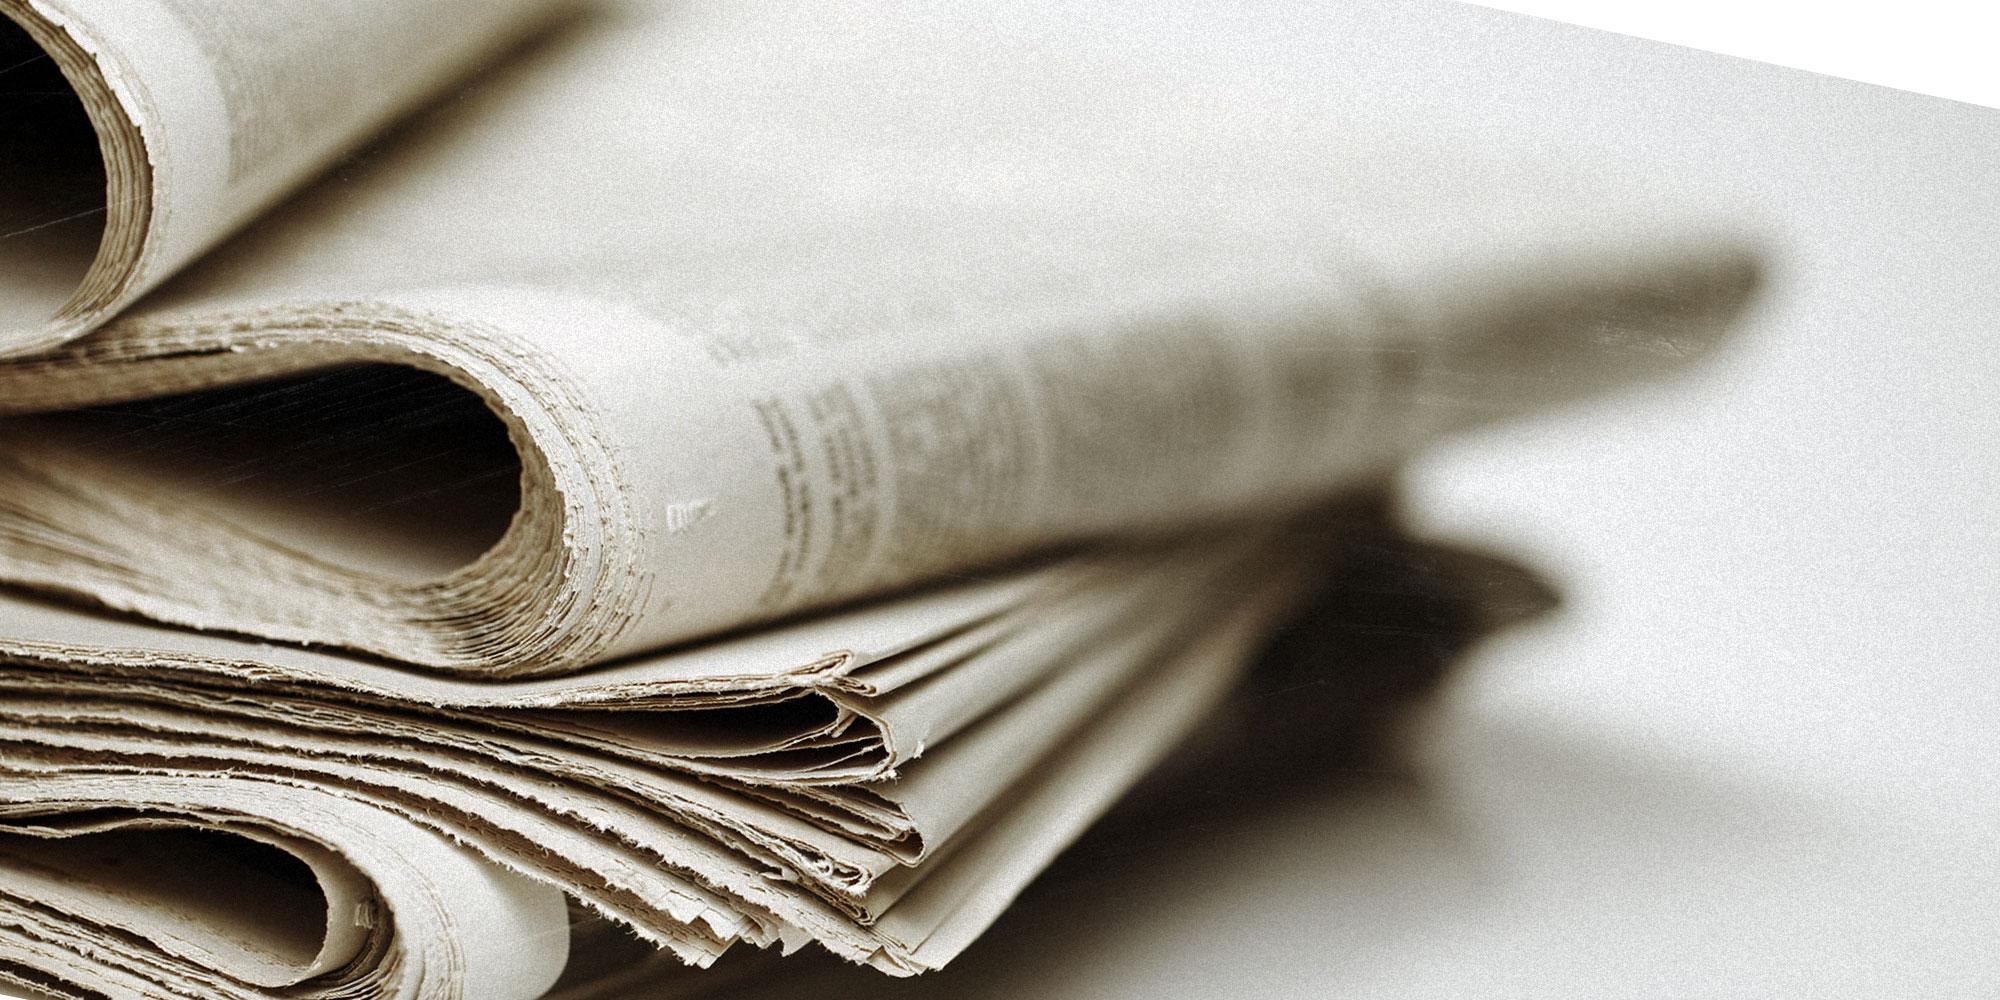 استخدامات مذهلة للجرائد في منزلك